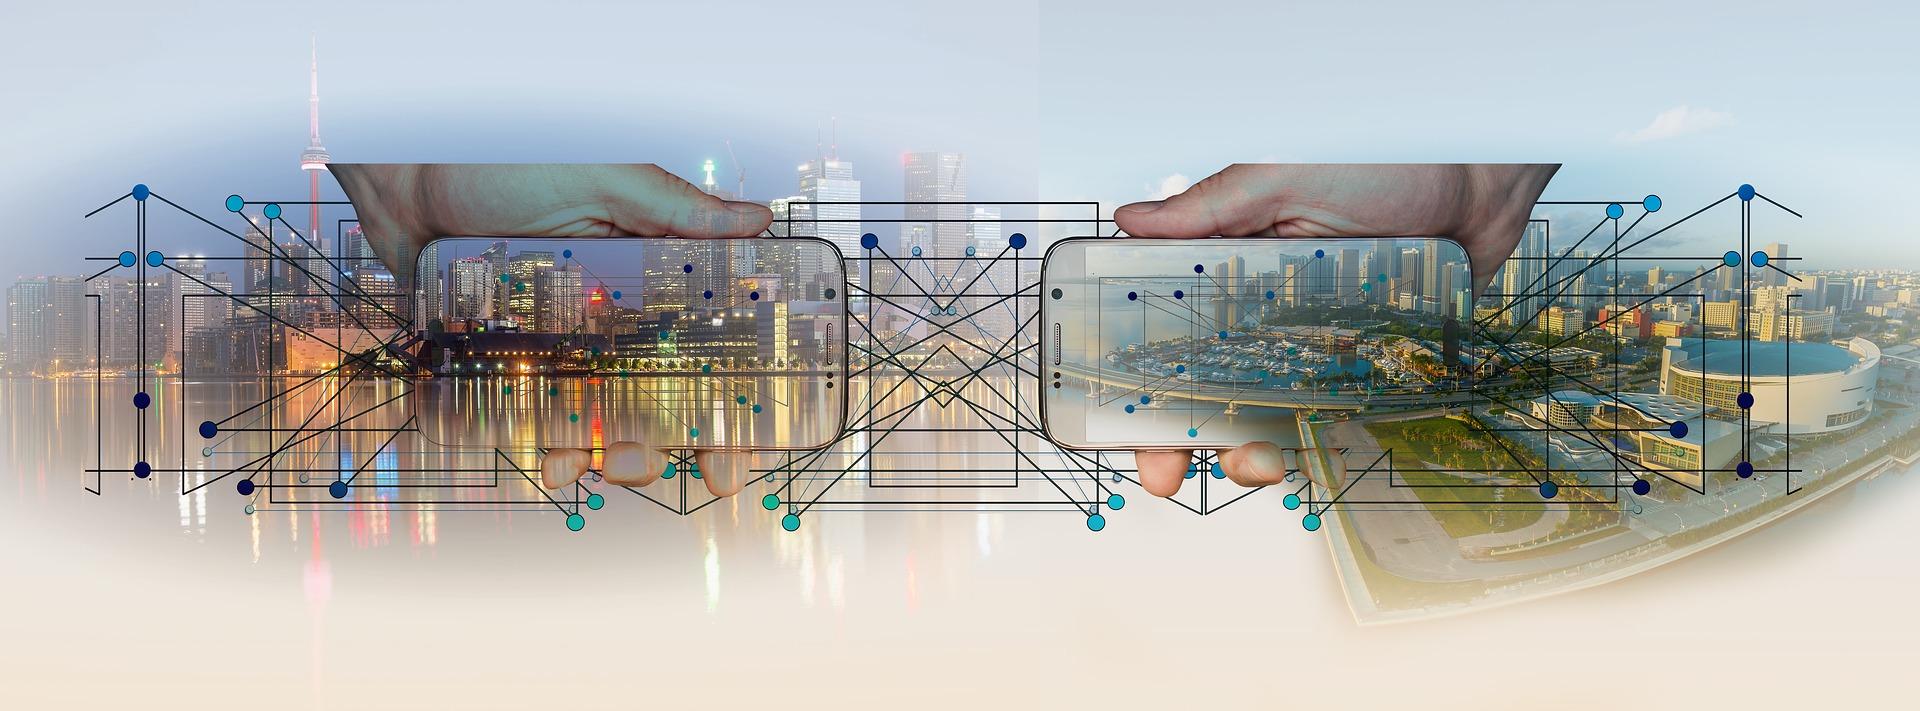 Lojistik Sektöründe Yaşanan Teknolojik Gelişmeler